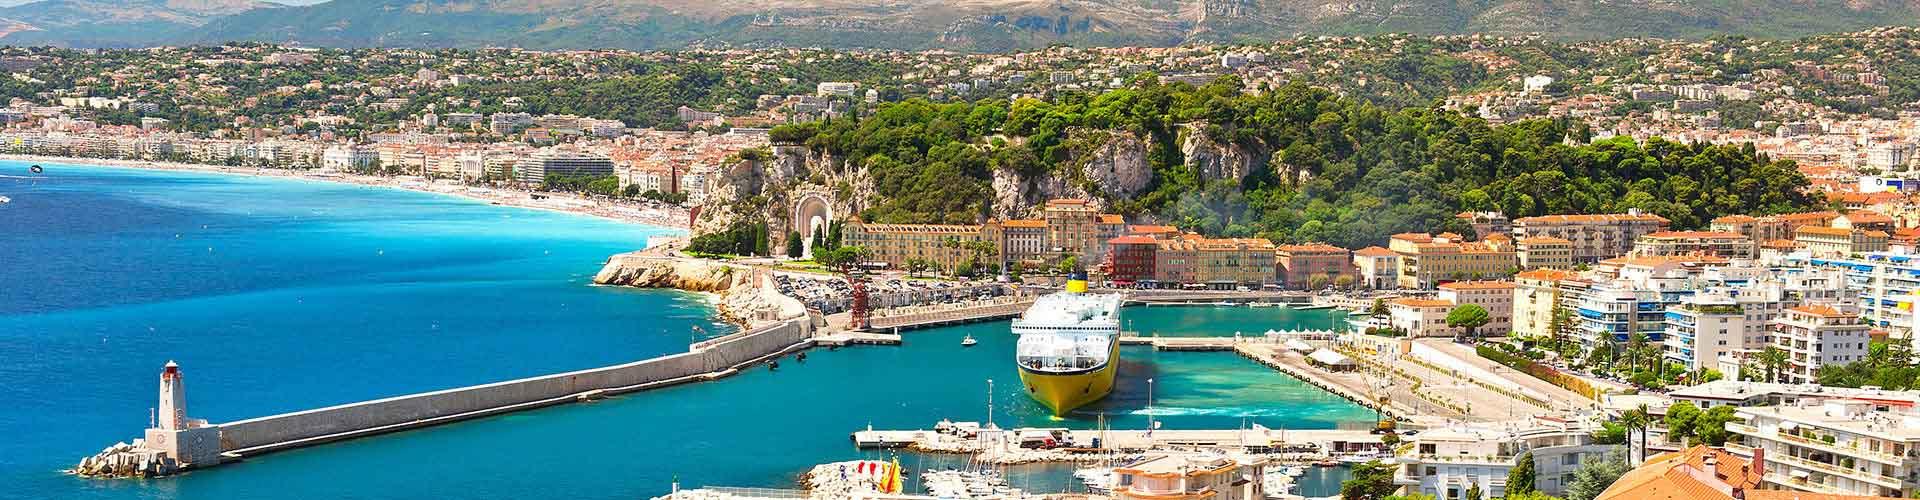 Nizza – Hostels in Nizza. Nizza auf der Karte. Fotos und Bewertungen für jedes Hostel in Nizza.